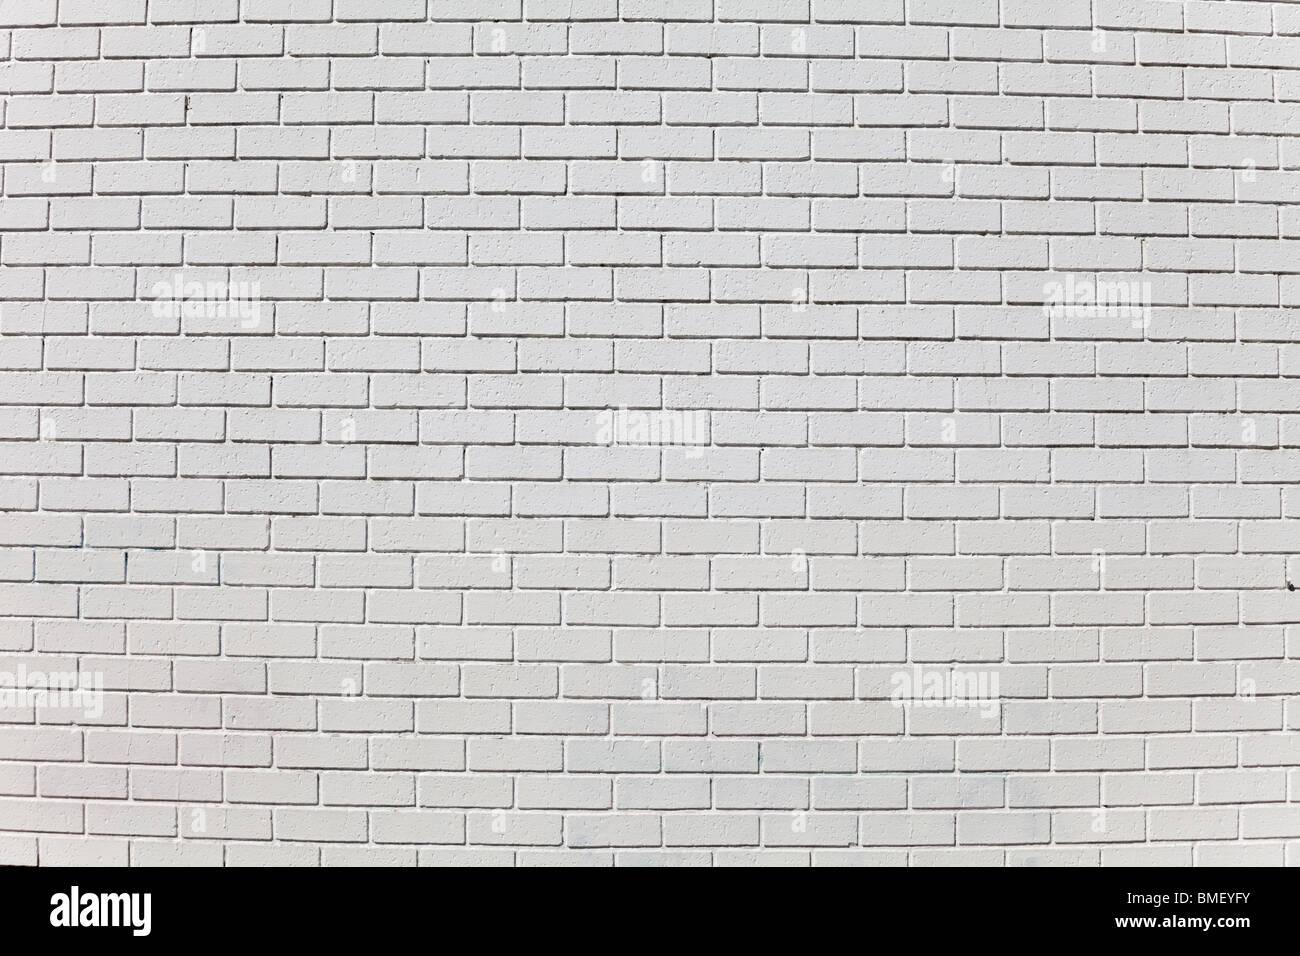 Bianco parete di mattoni per lo sfondo Immagini Stock